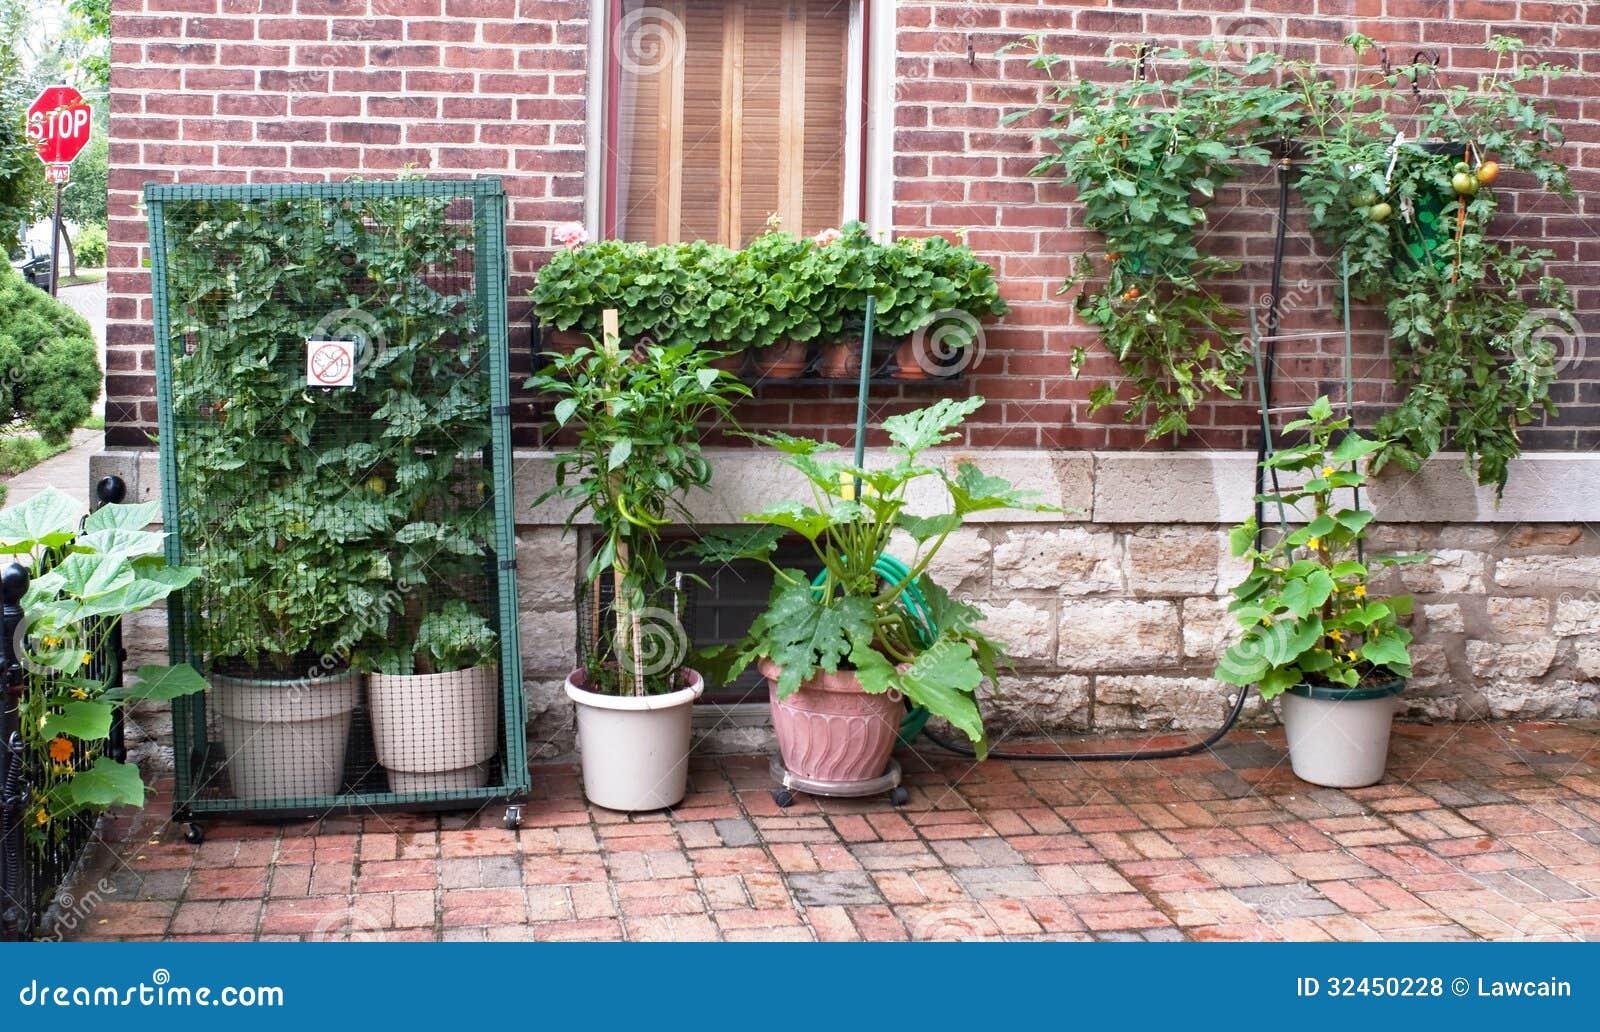 Urban Court Vegetable Garden